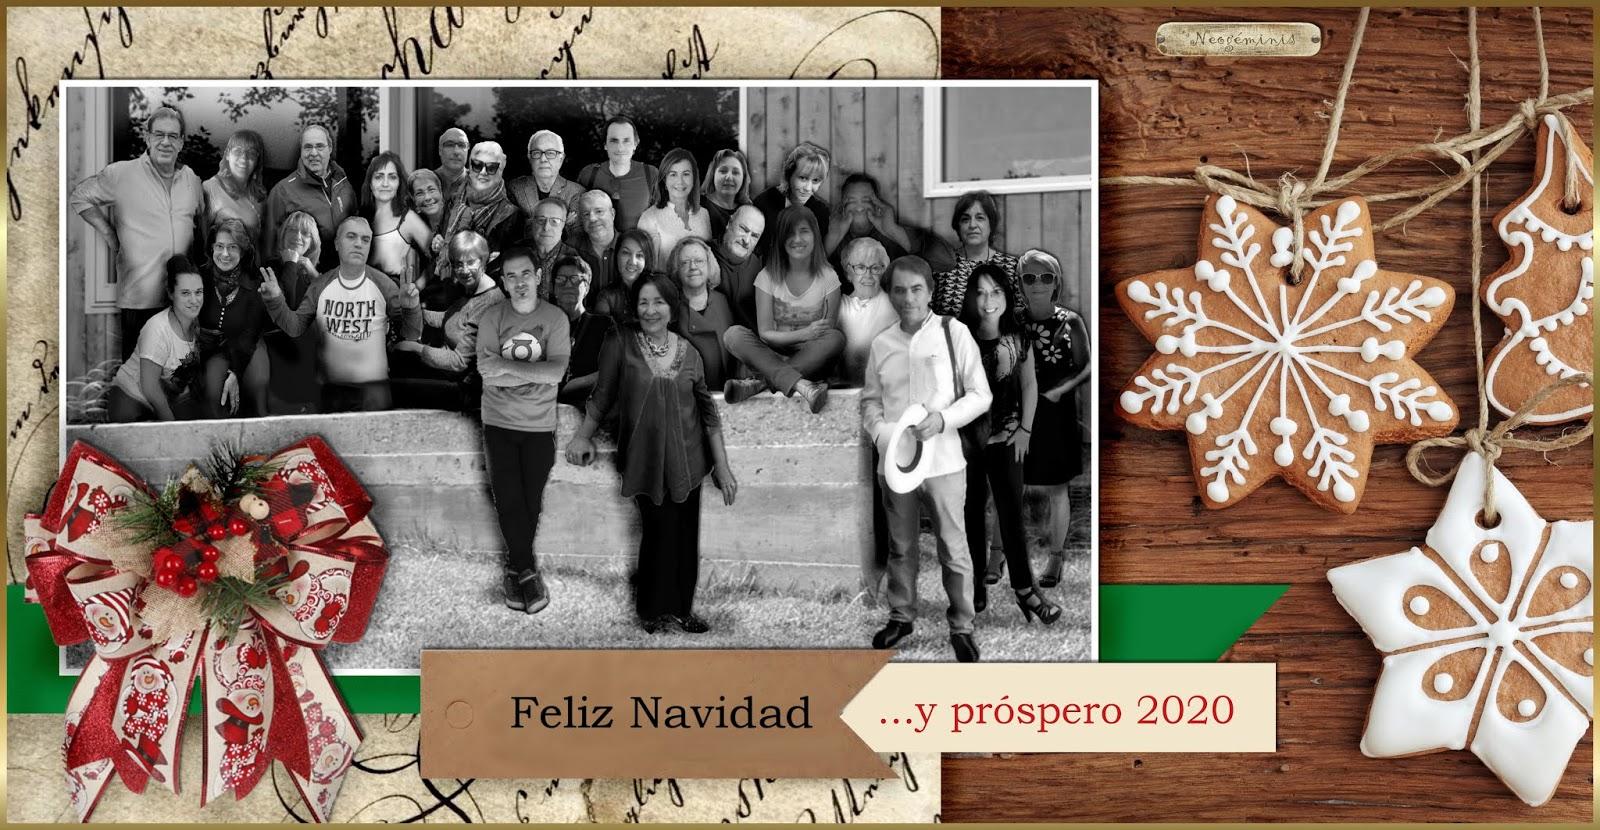 Navidad 2019. Año nuevo 2020